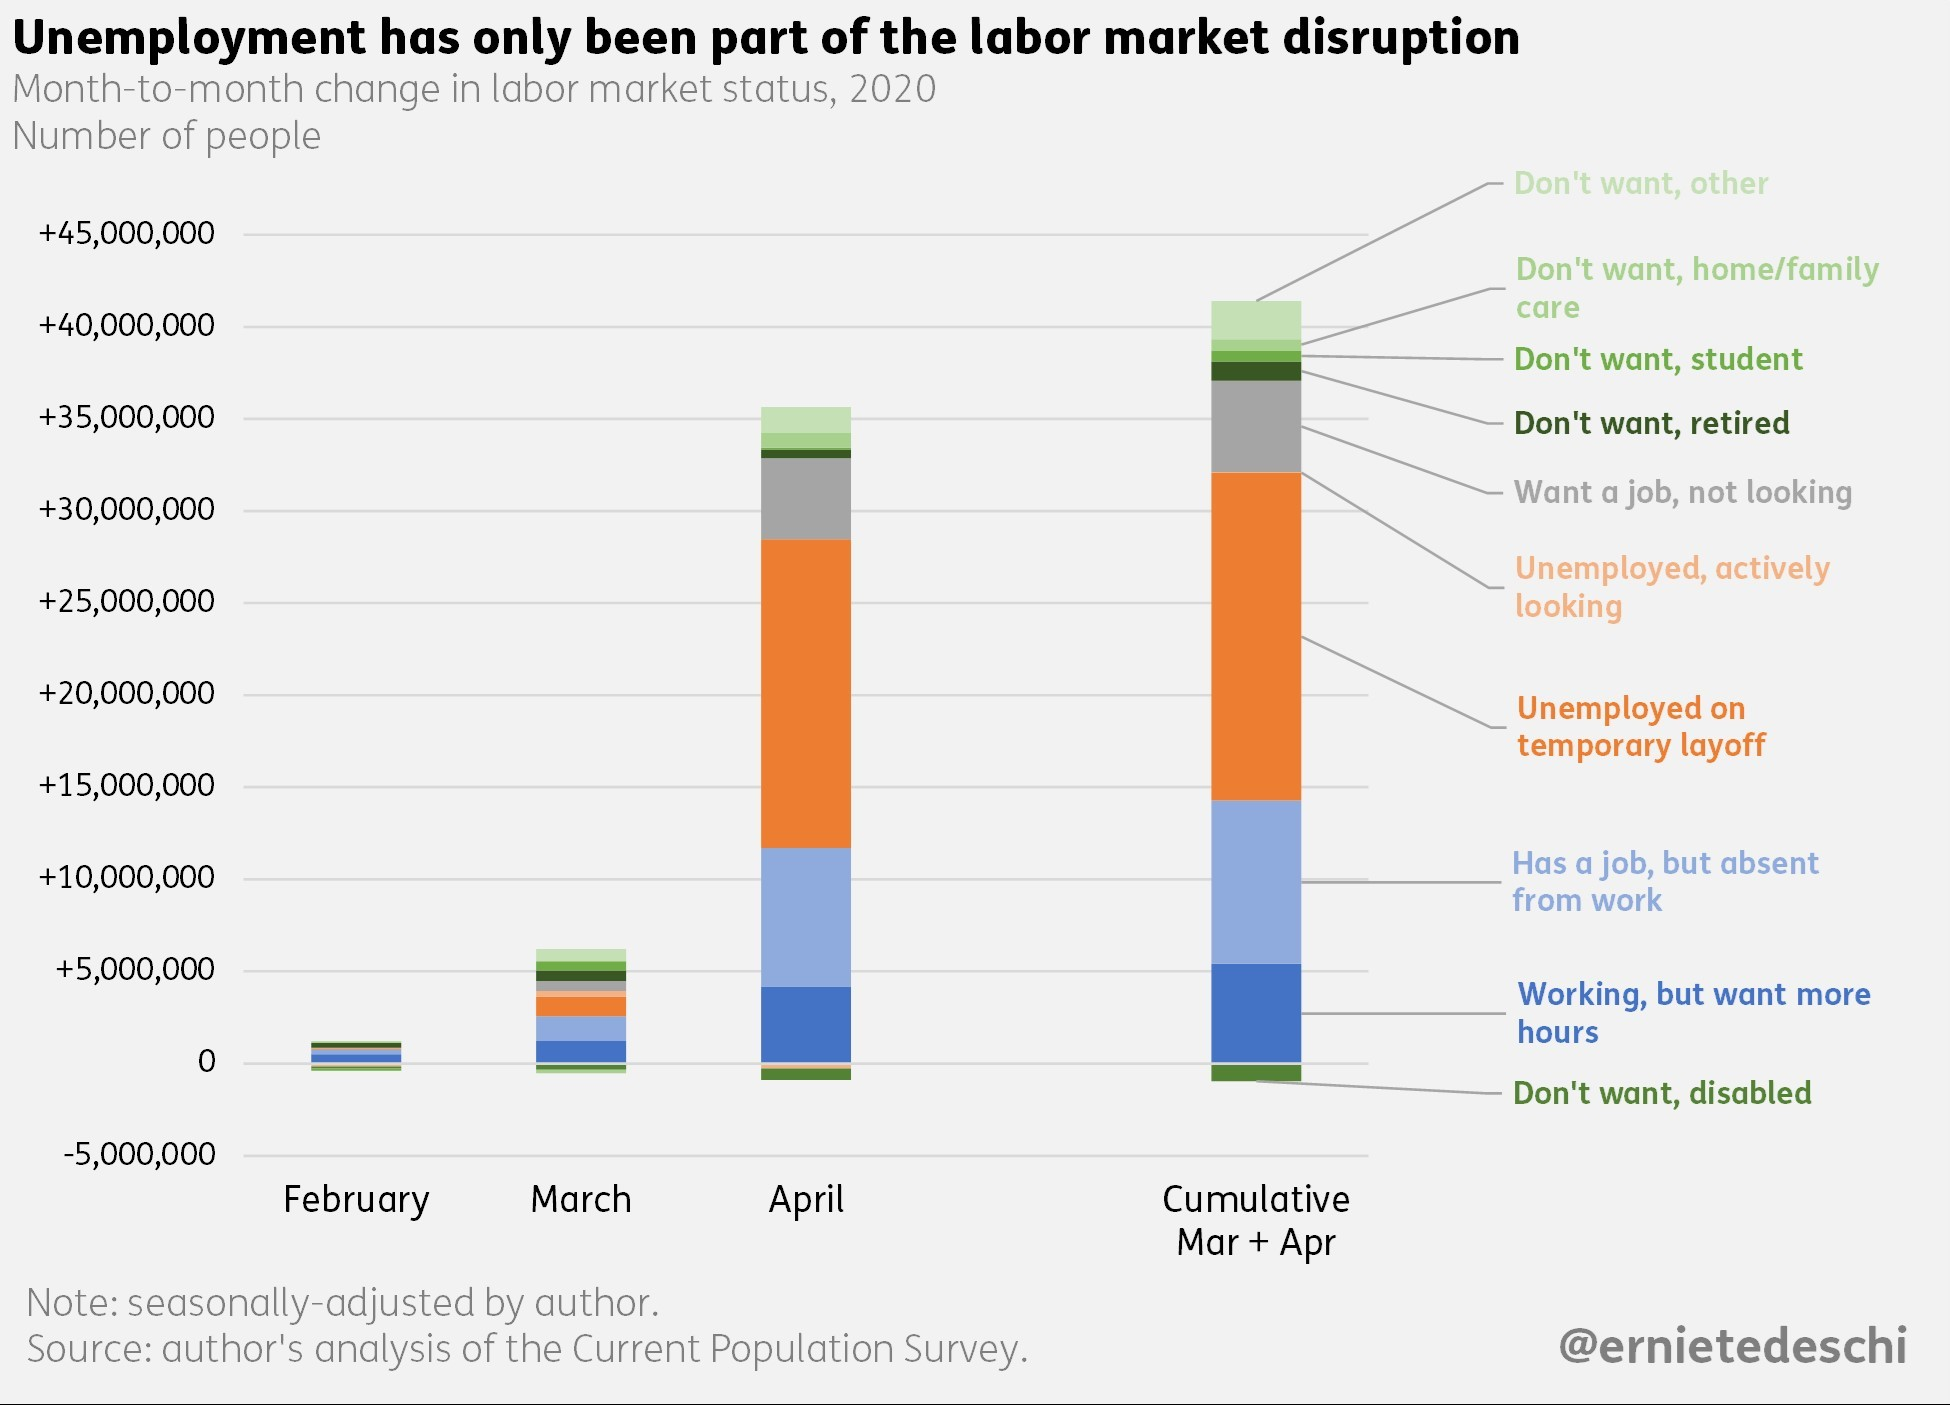 Az amerikai munkaerőpiaci helyzetet bemutató ábra a 2020-as évben.